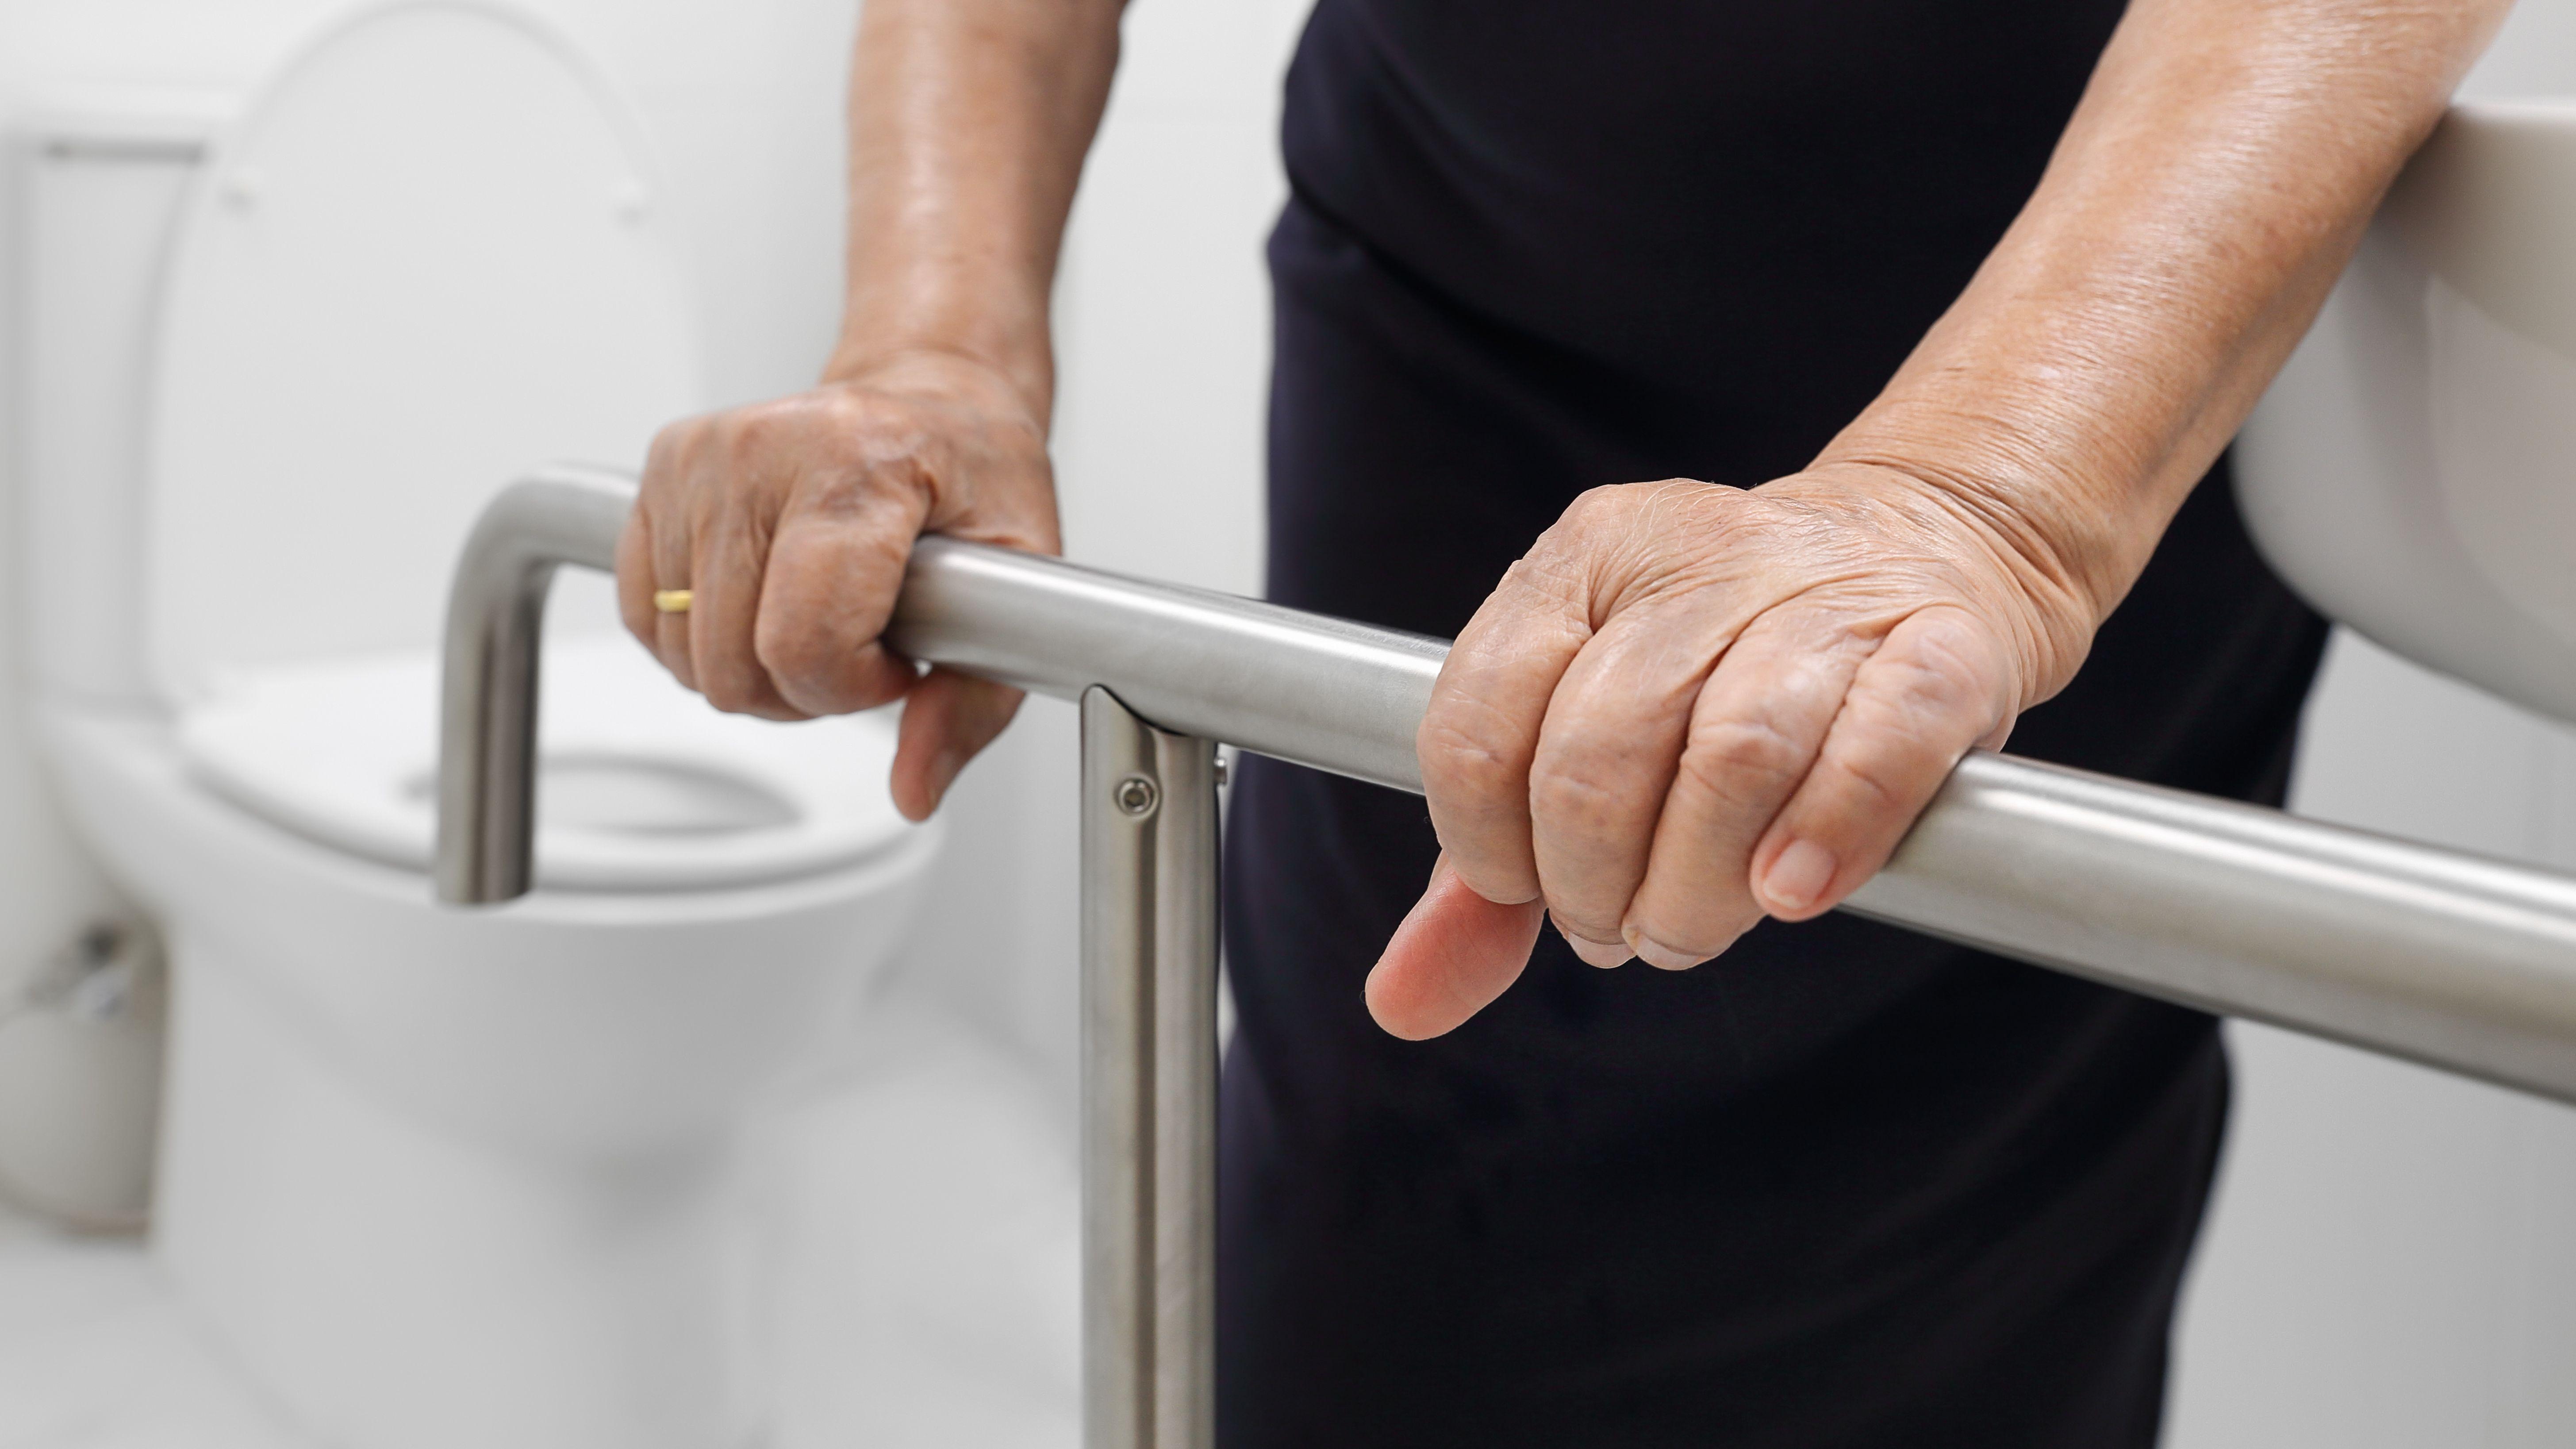 Réglementation WC PMR  : rendre accessible les toilettes aux personnes en situation de handicap